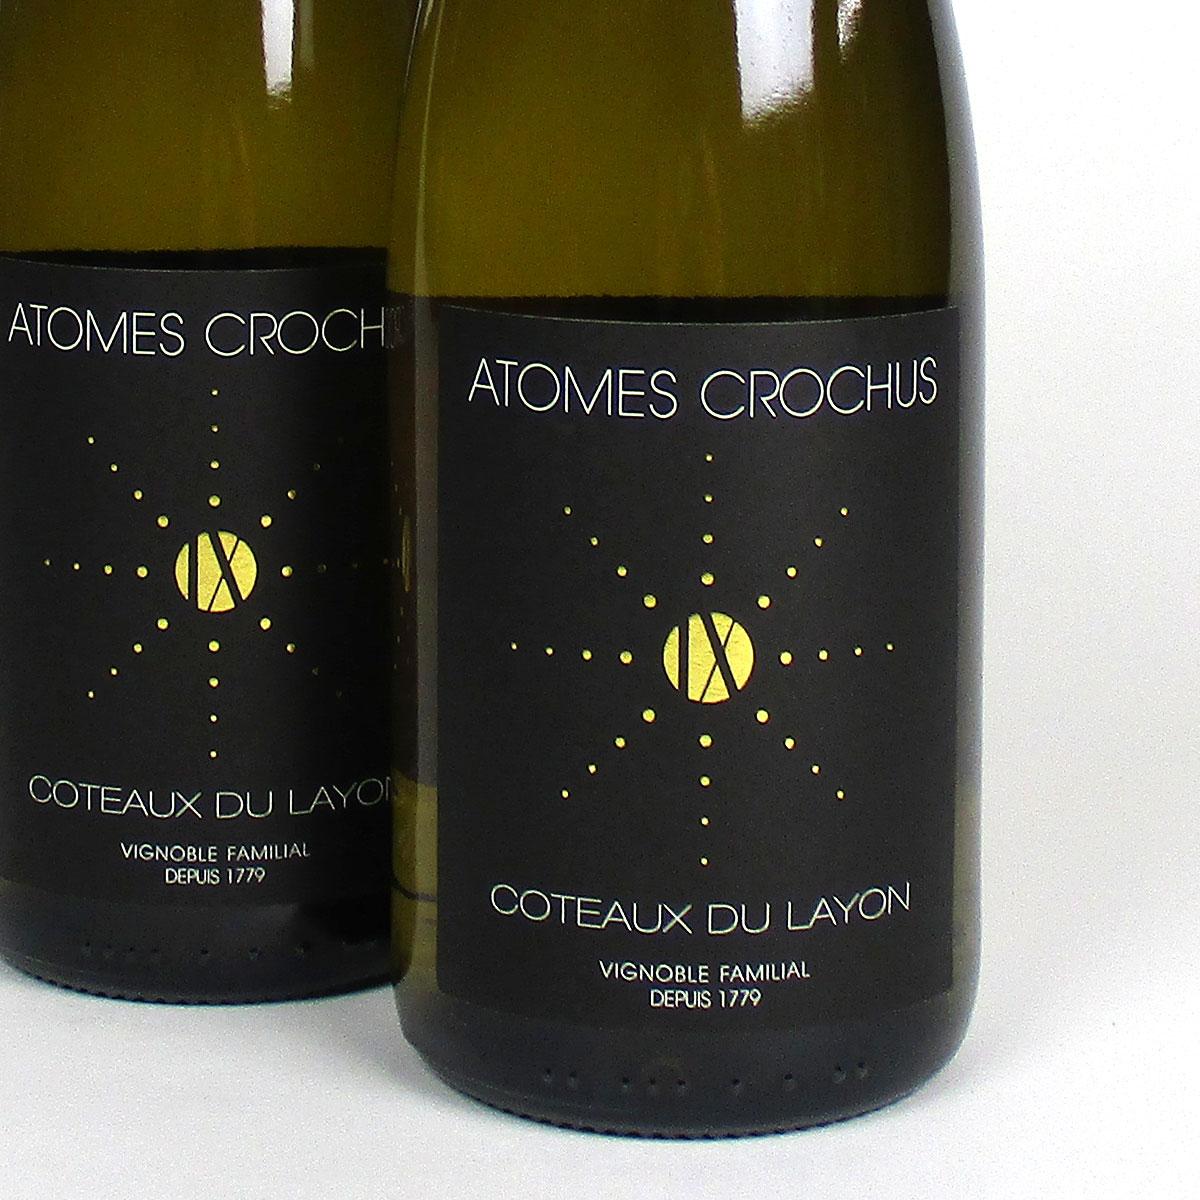 Coteaux du Layon: 'Atomes Crochus' Château la Tomaze 2019